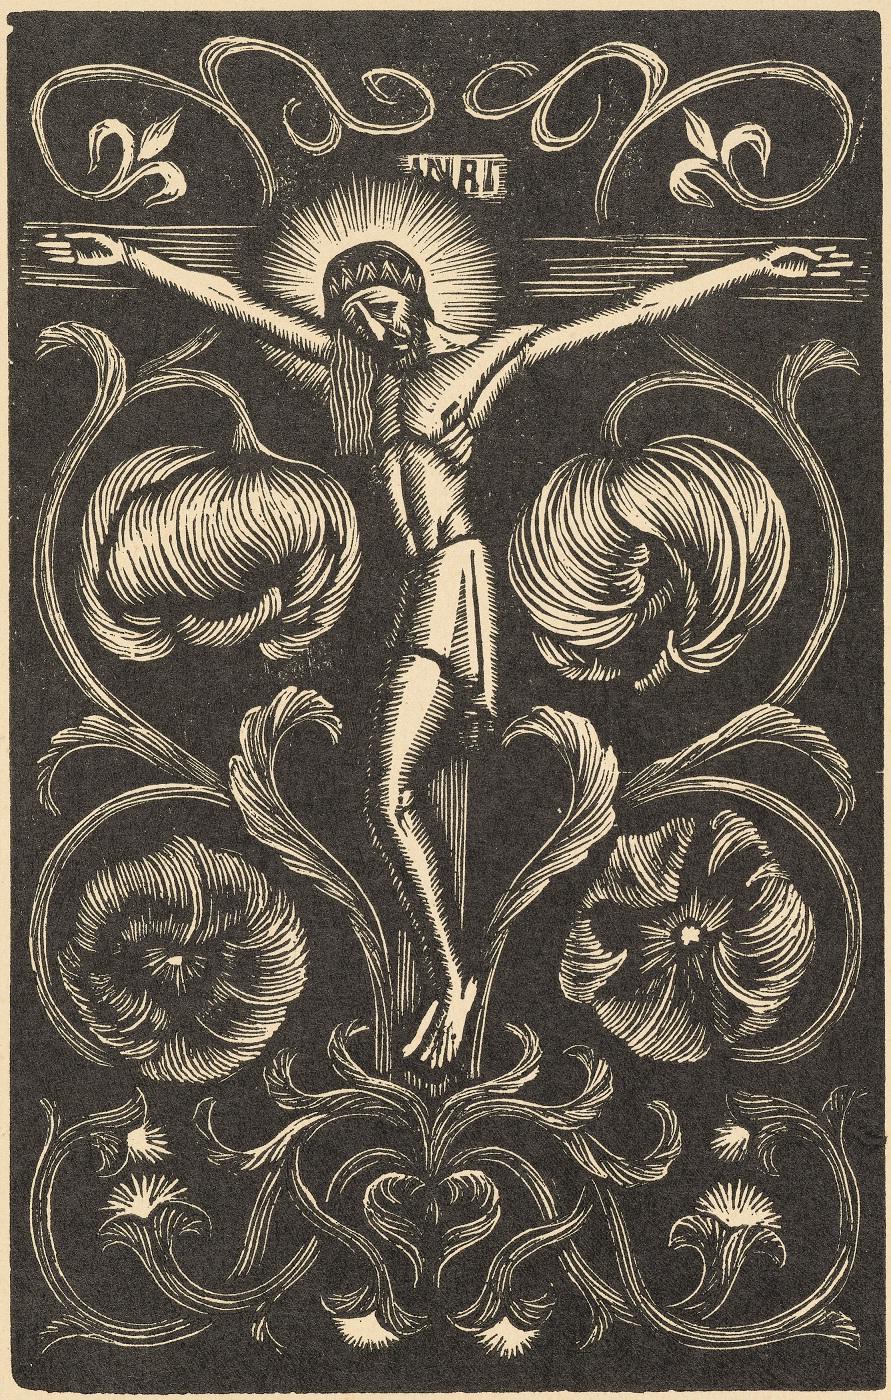 Władysław Skoczylas, Chrystus, 1921, drzeworyt, papier, Muzeum Narodowe wKrakowie, fot.Mateusz Szczypiński /Pracownia Fotograficzna MNK